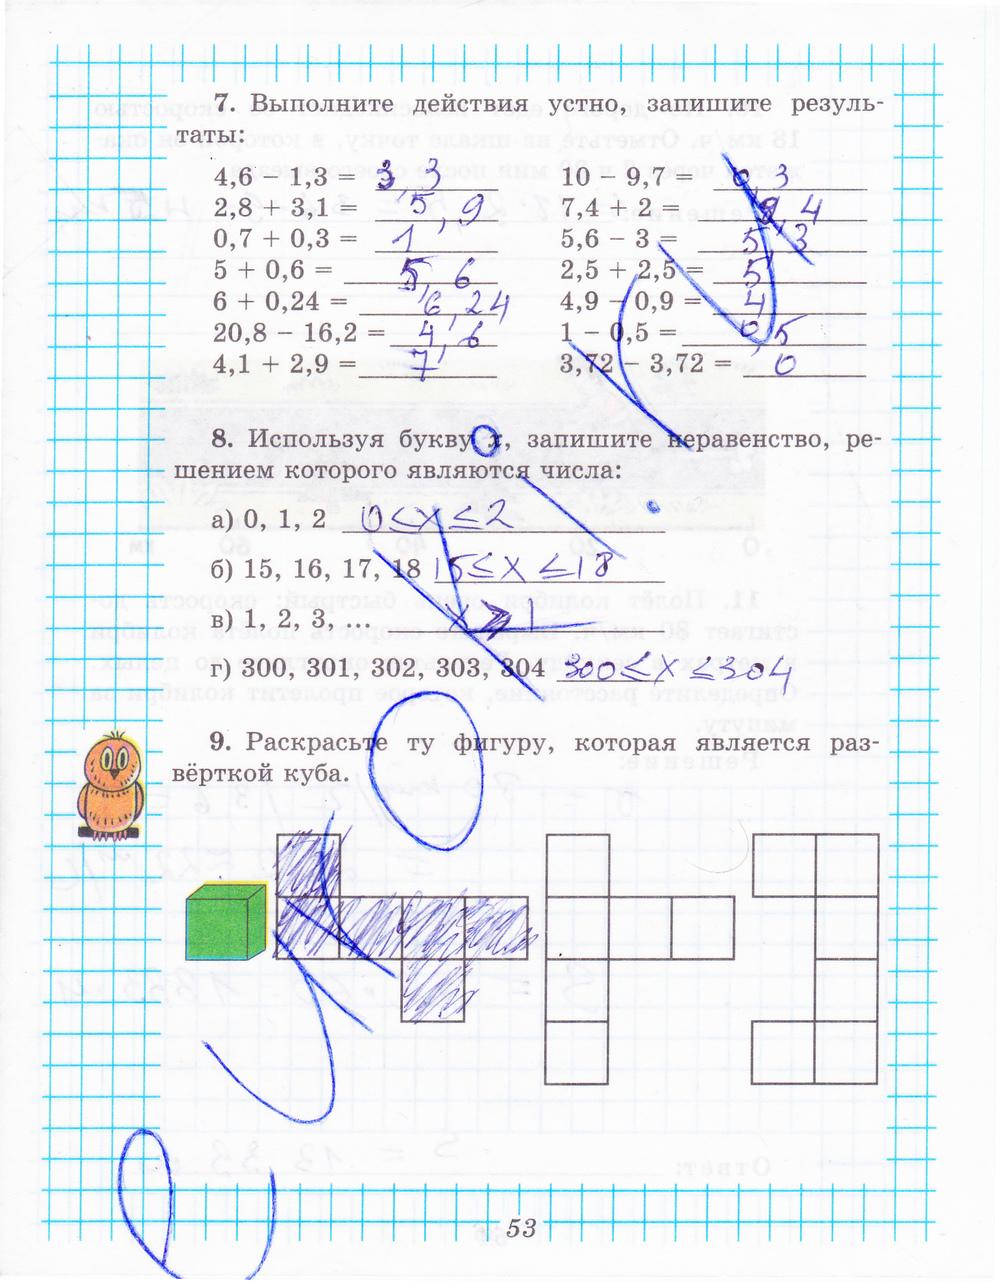 ГДЗ по математике 5 класс рабочая тетрадь Рудницкая Часть 1, 2. Задание: стр. 53